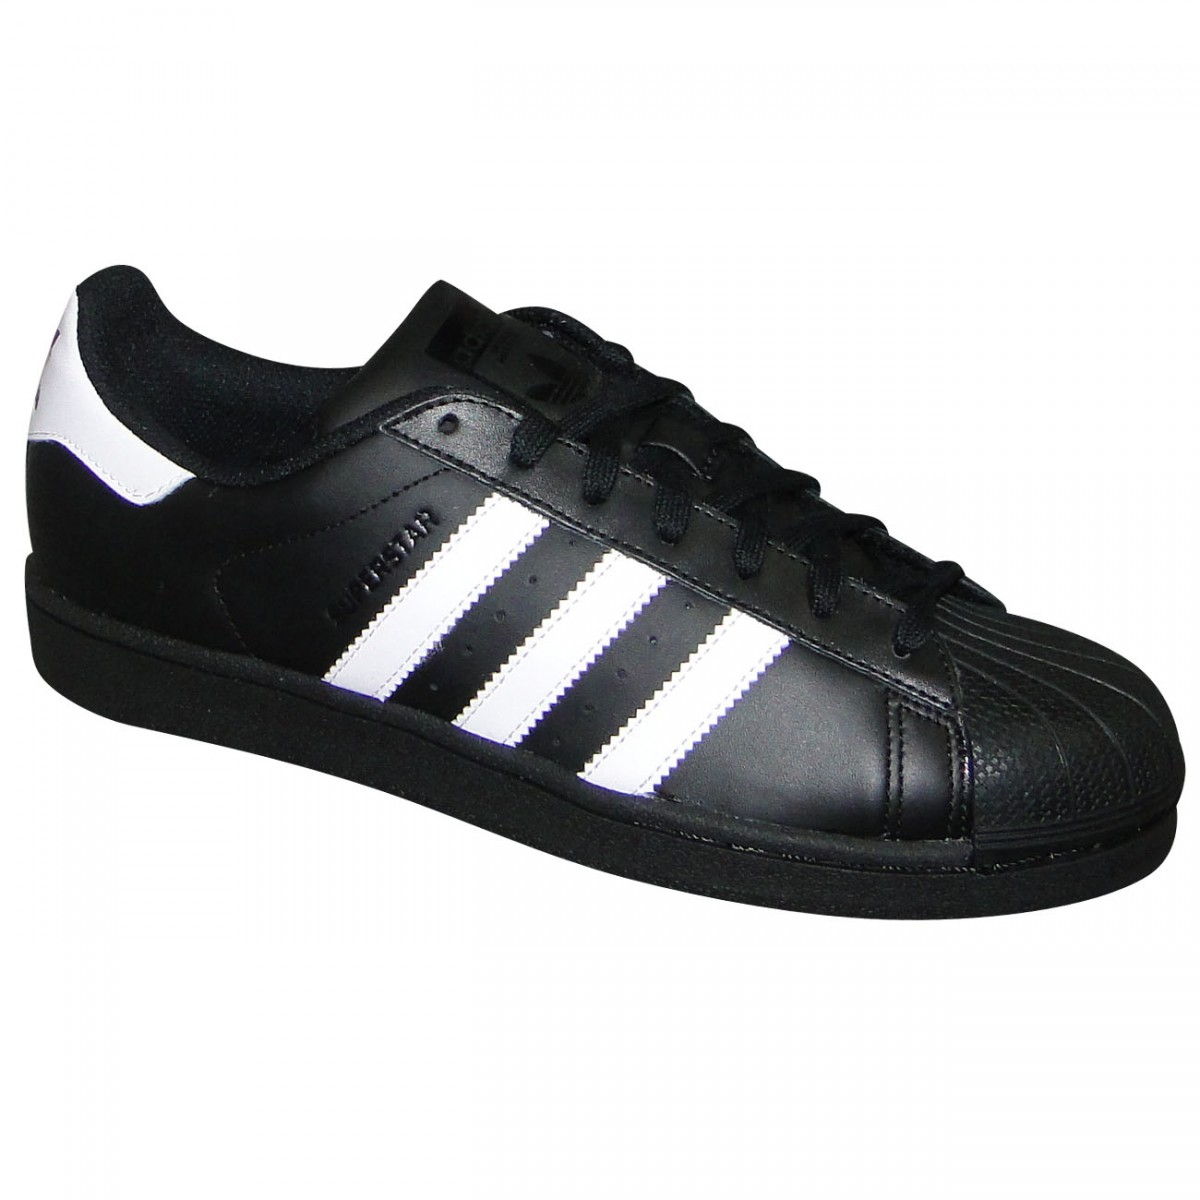 2d6980caf2 Tenis Adidas Superstar B27140 - Preto Preto - Chuteira Nike